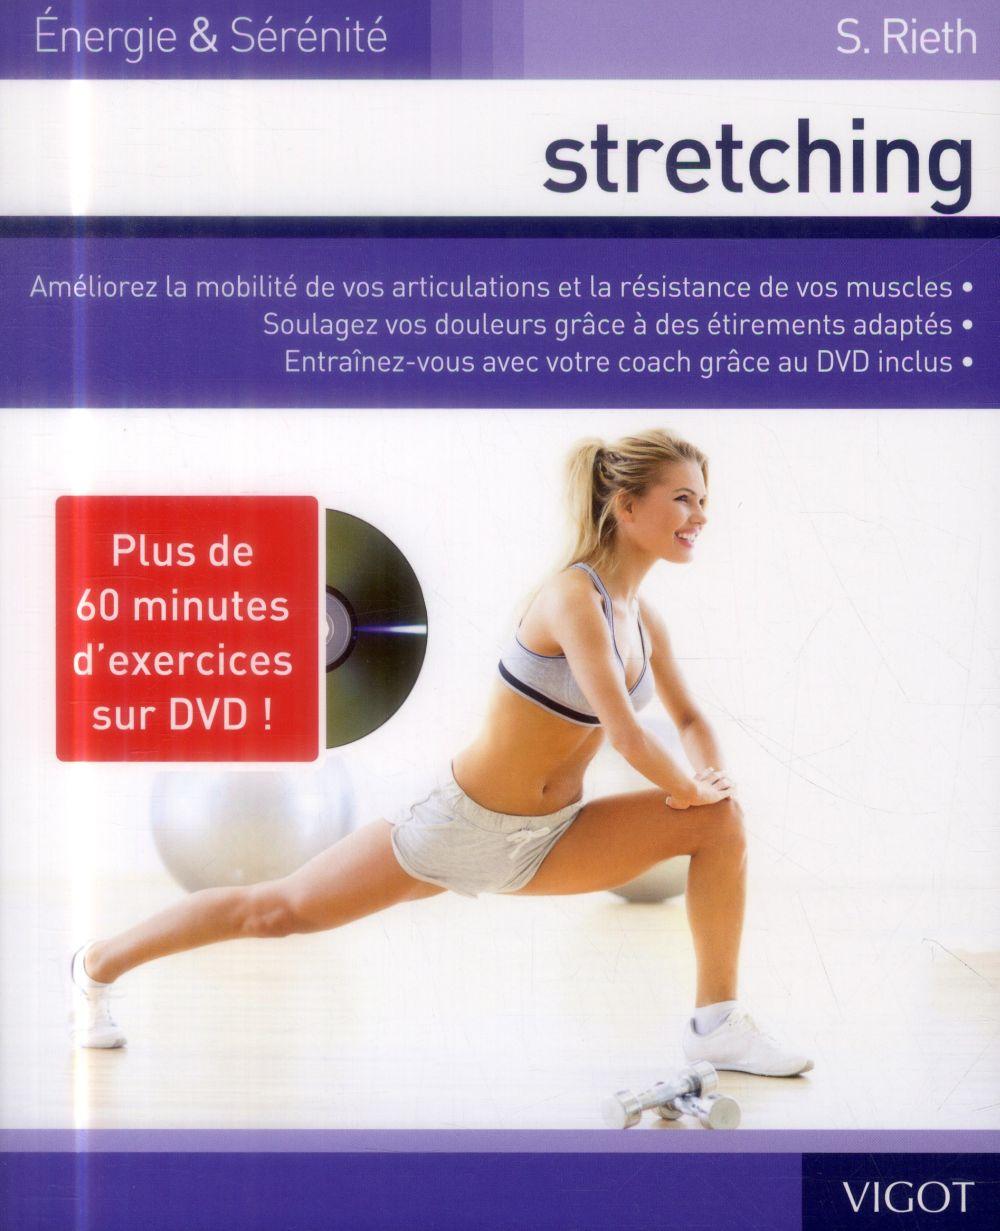 Stretching ; plus de 60 minutes d'exercices sur DVD !